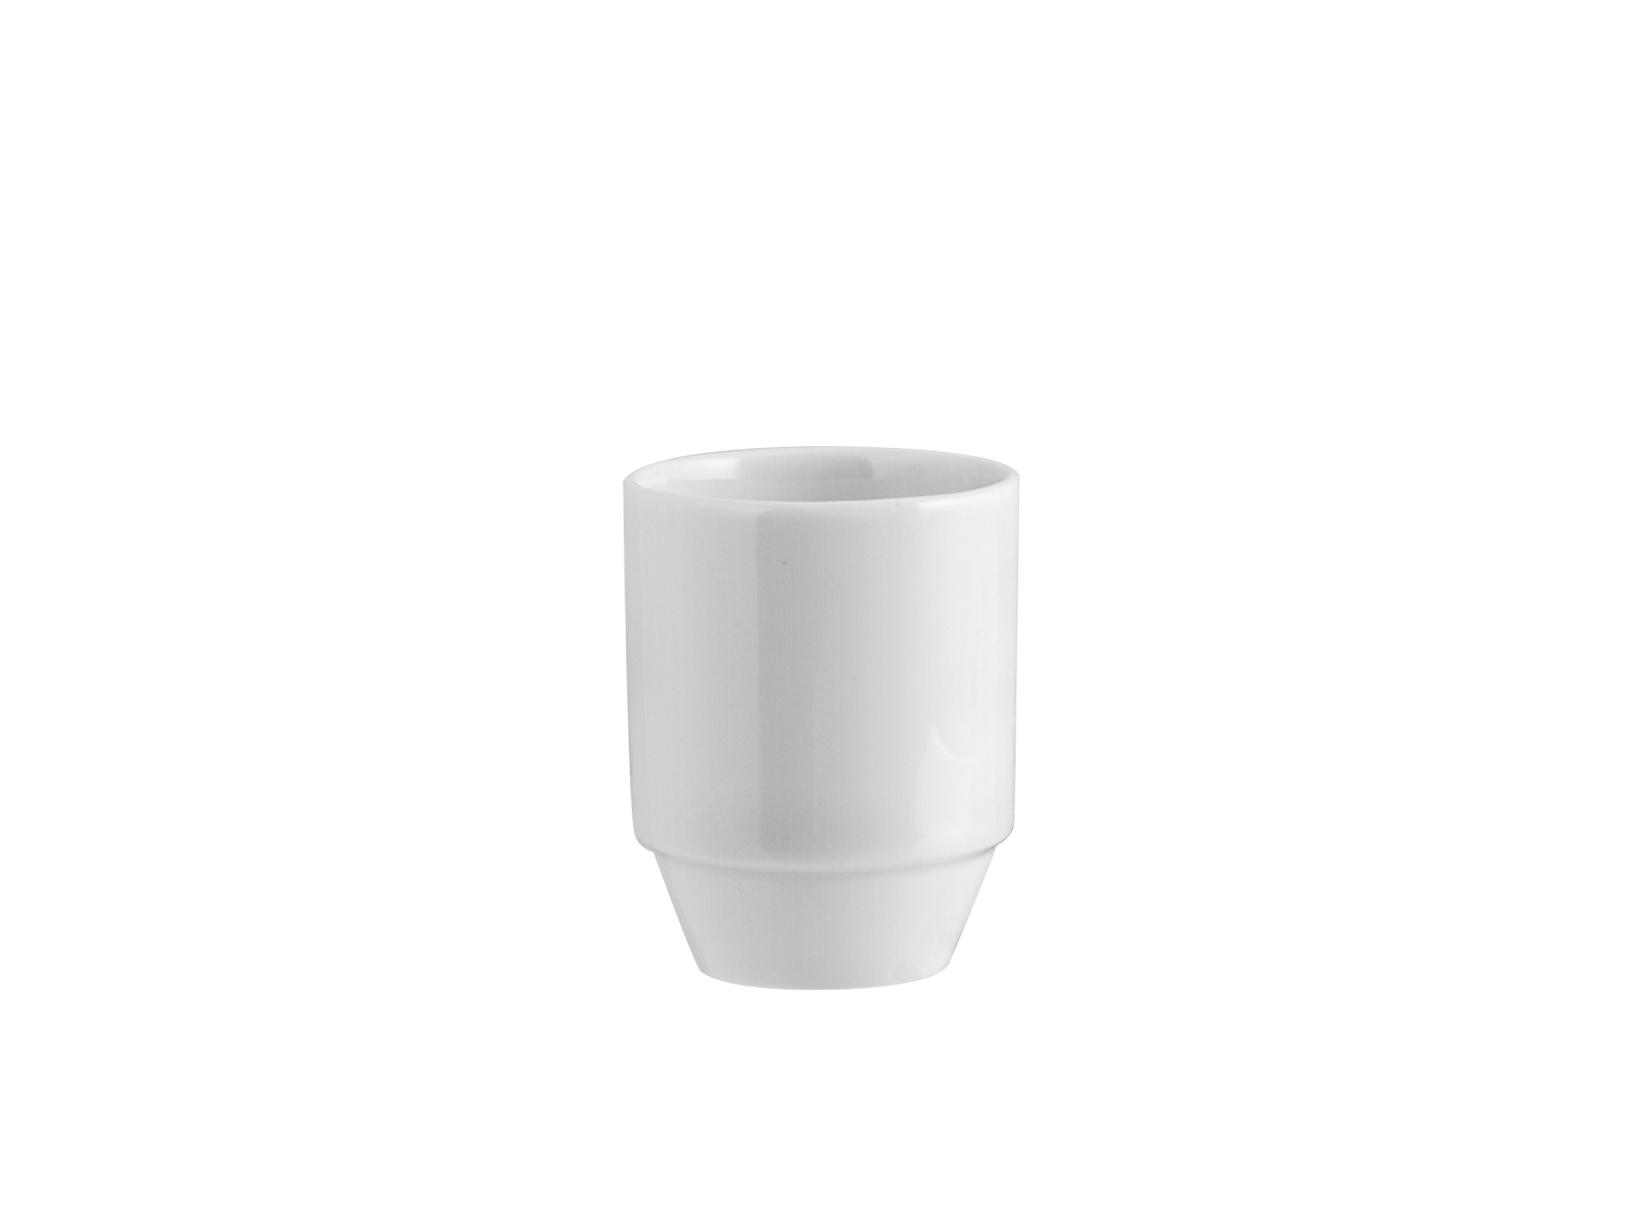 Portastecchini Porcellana Merano Bianco